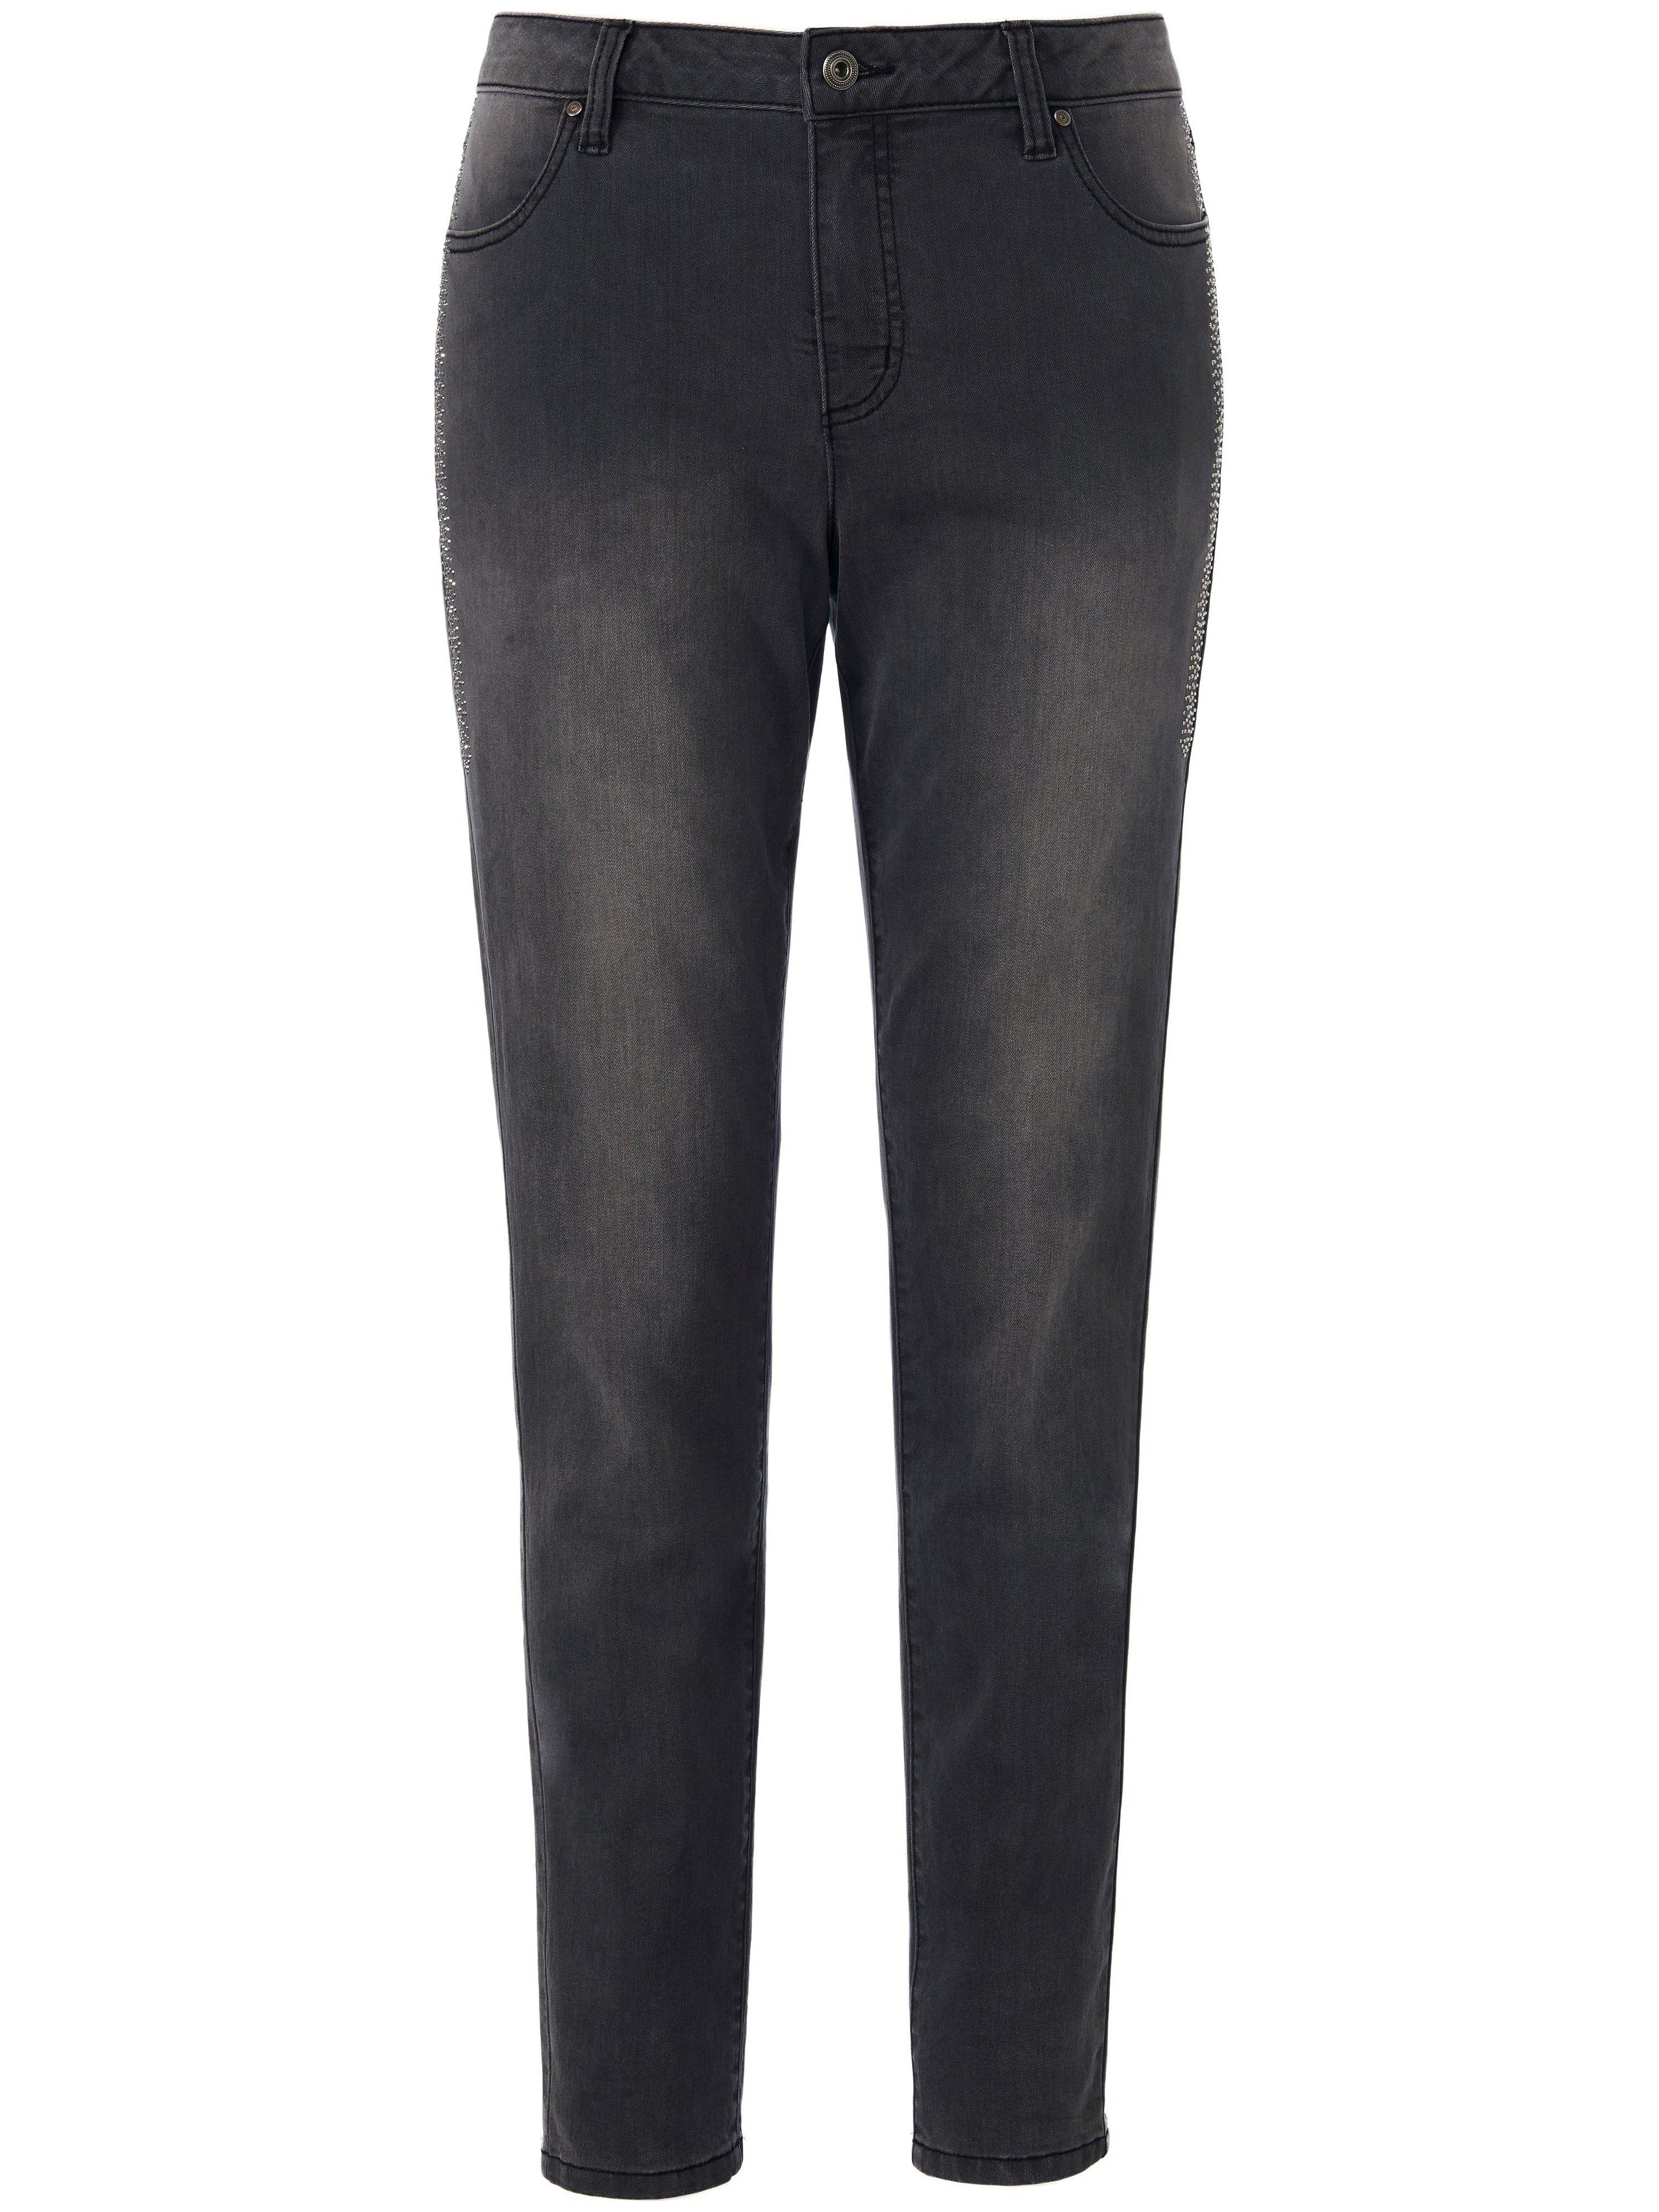 Jeans smalle, rechte pijpen Van Emilia Lay grijs